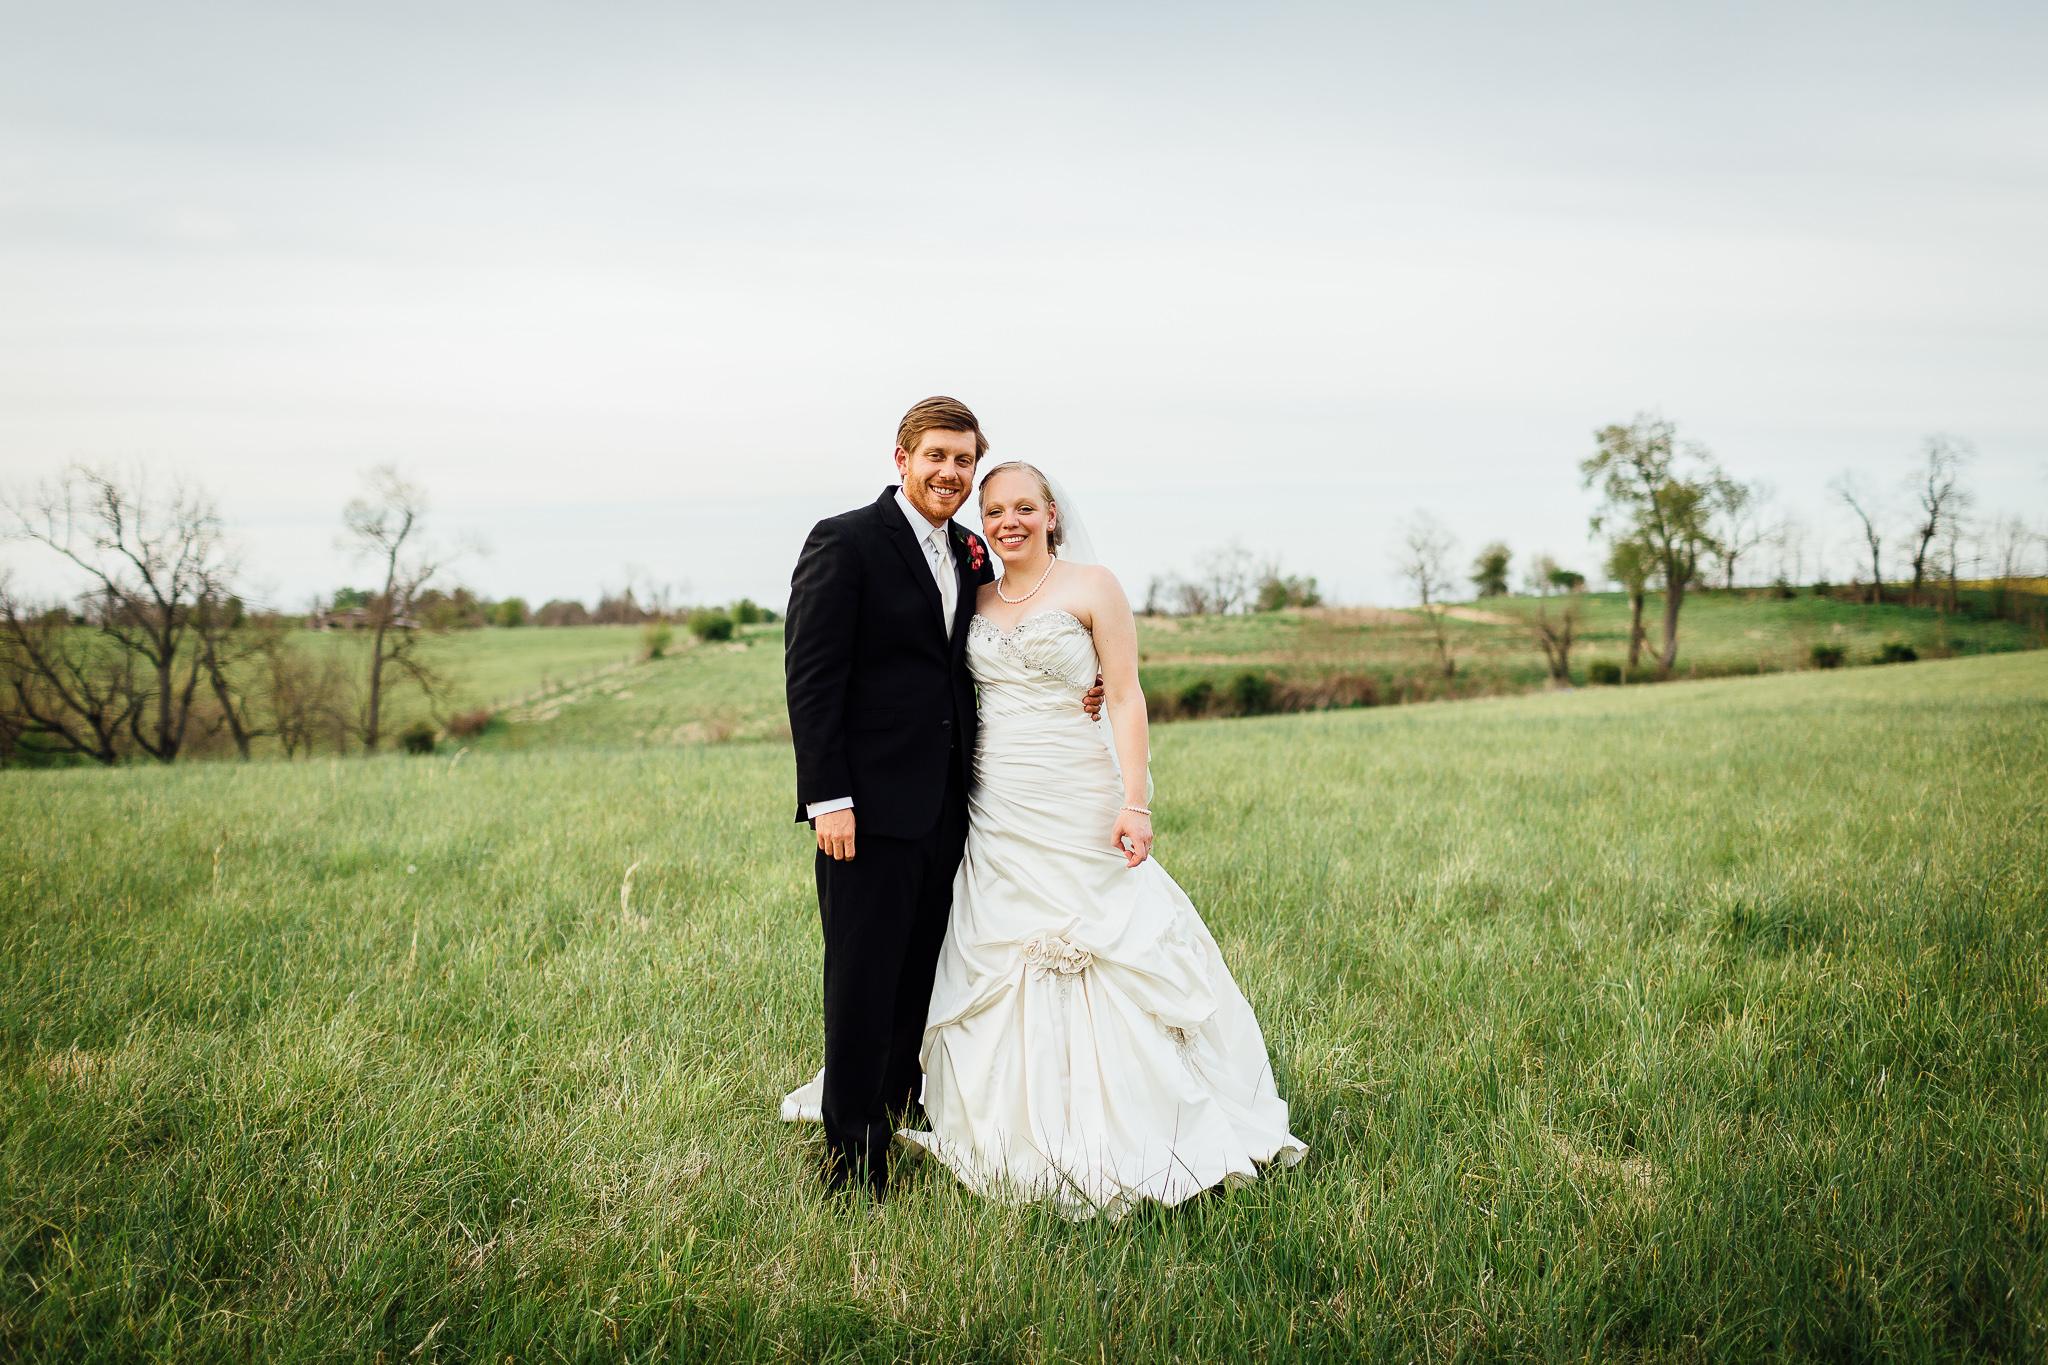 Zac & Miranda's wedding sb-86.jpg